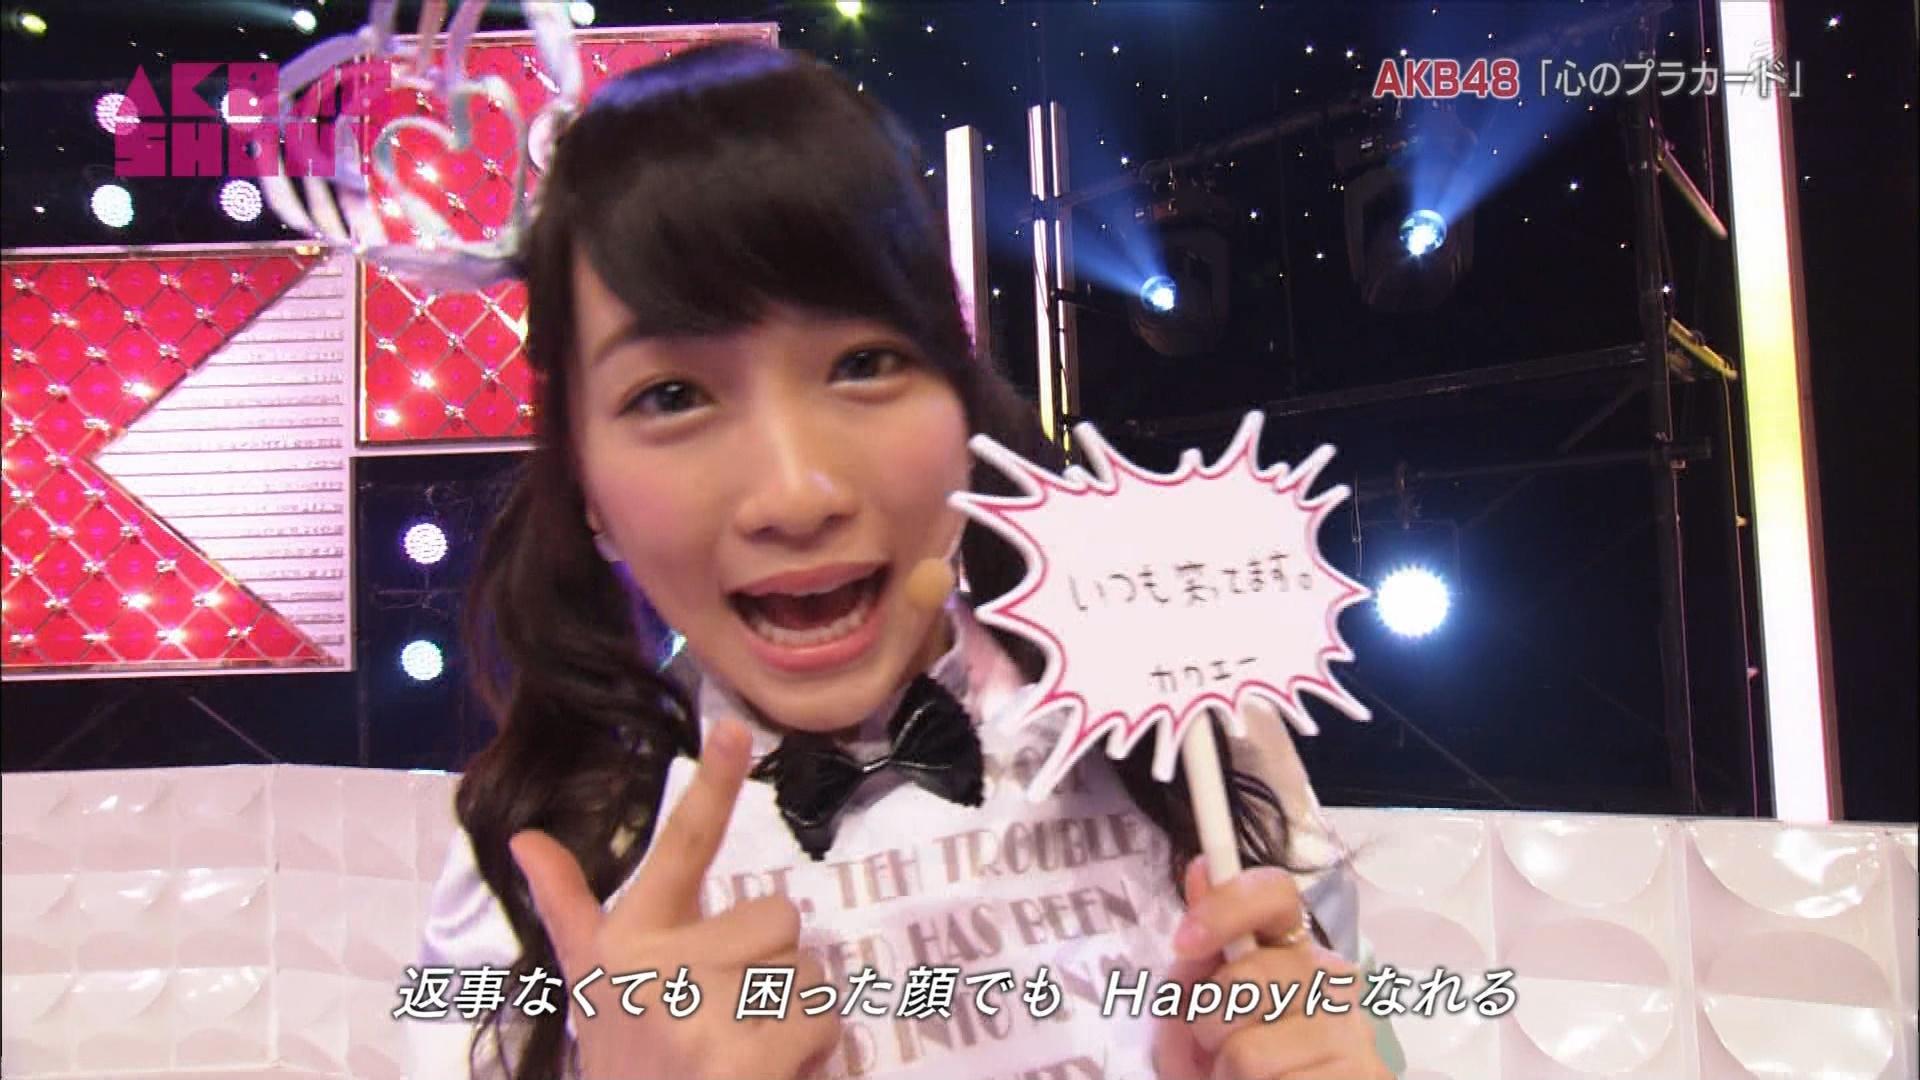 AKB48SHOW 心のプラカード 川栄李奈 20140830 (2)